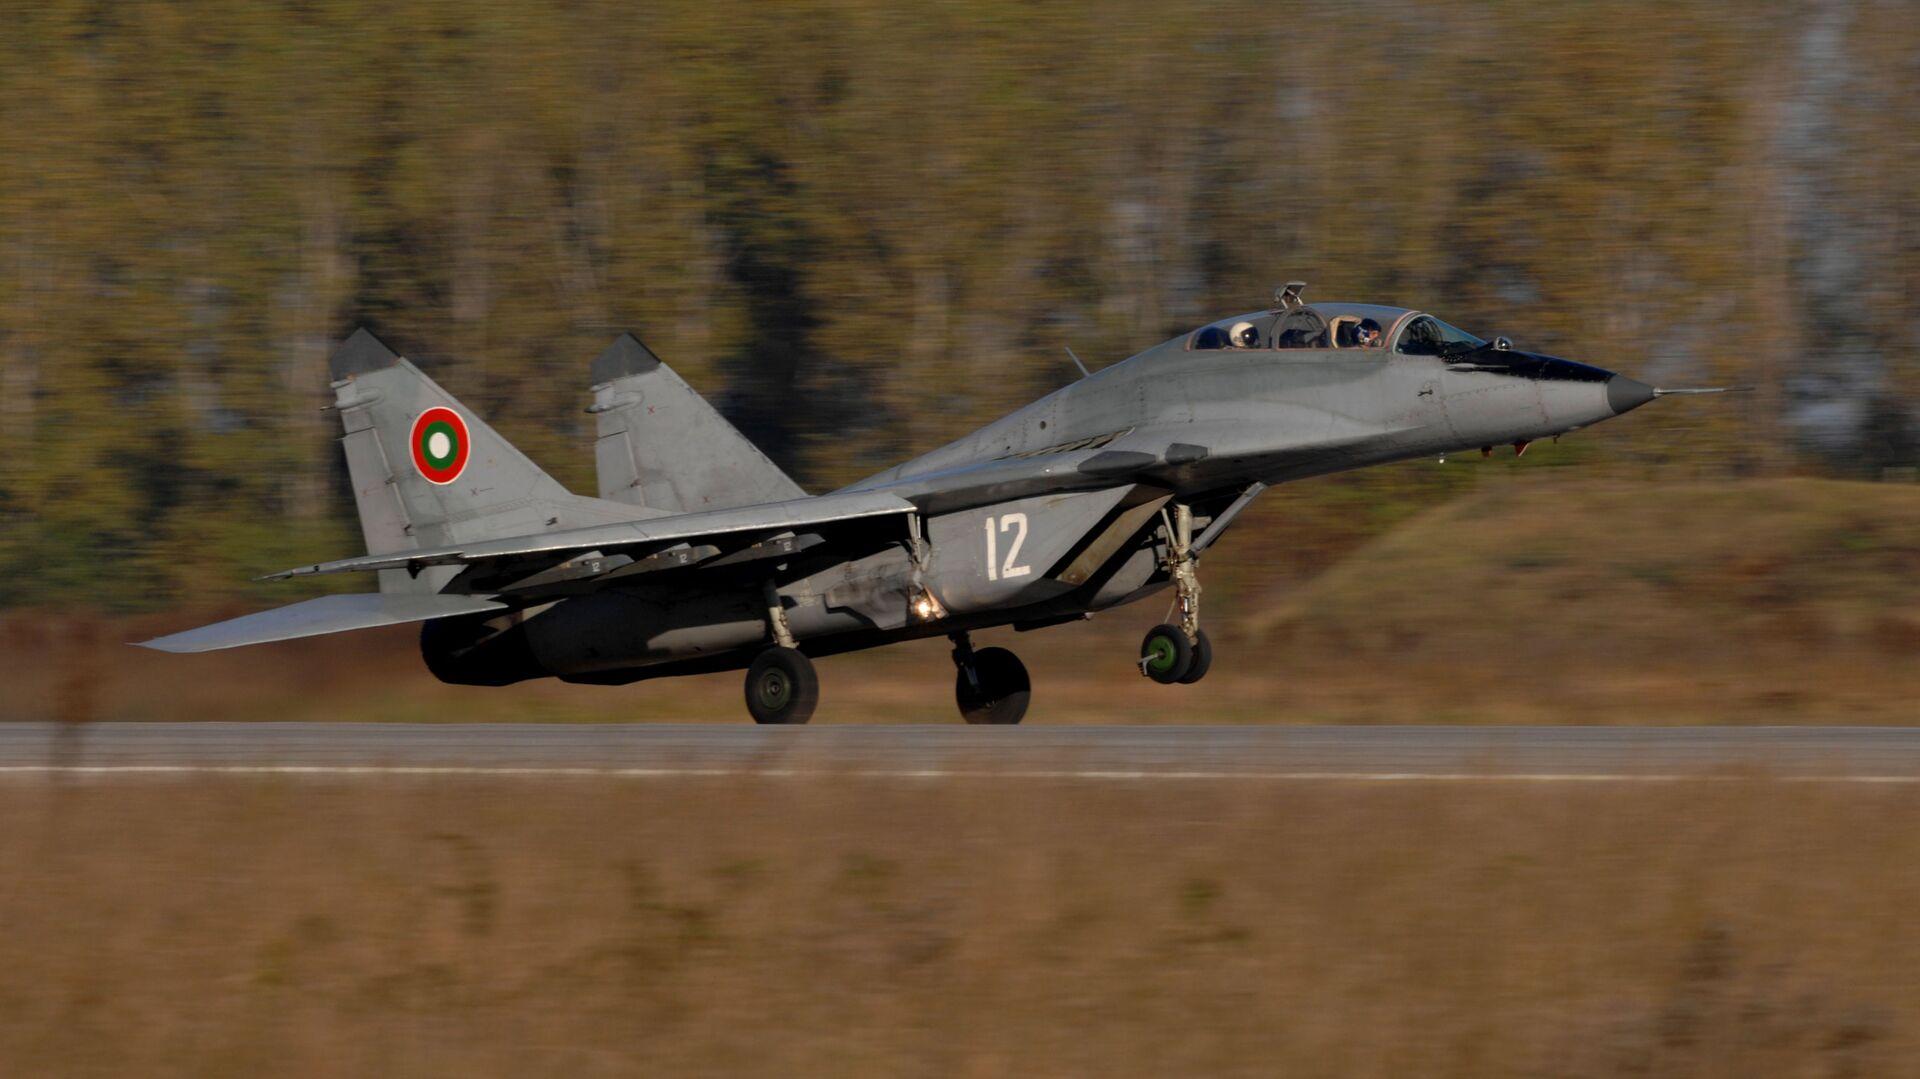 Samolot MiG-29 sił powietrznych Bułgarii - Sputnik Polska, 1920, 28.06.2021